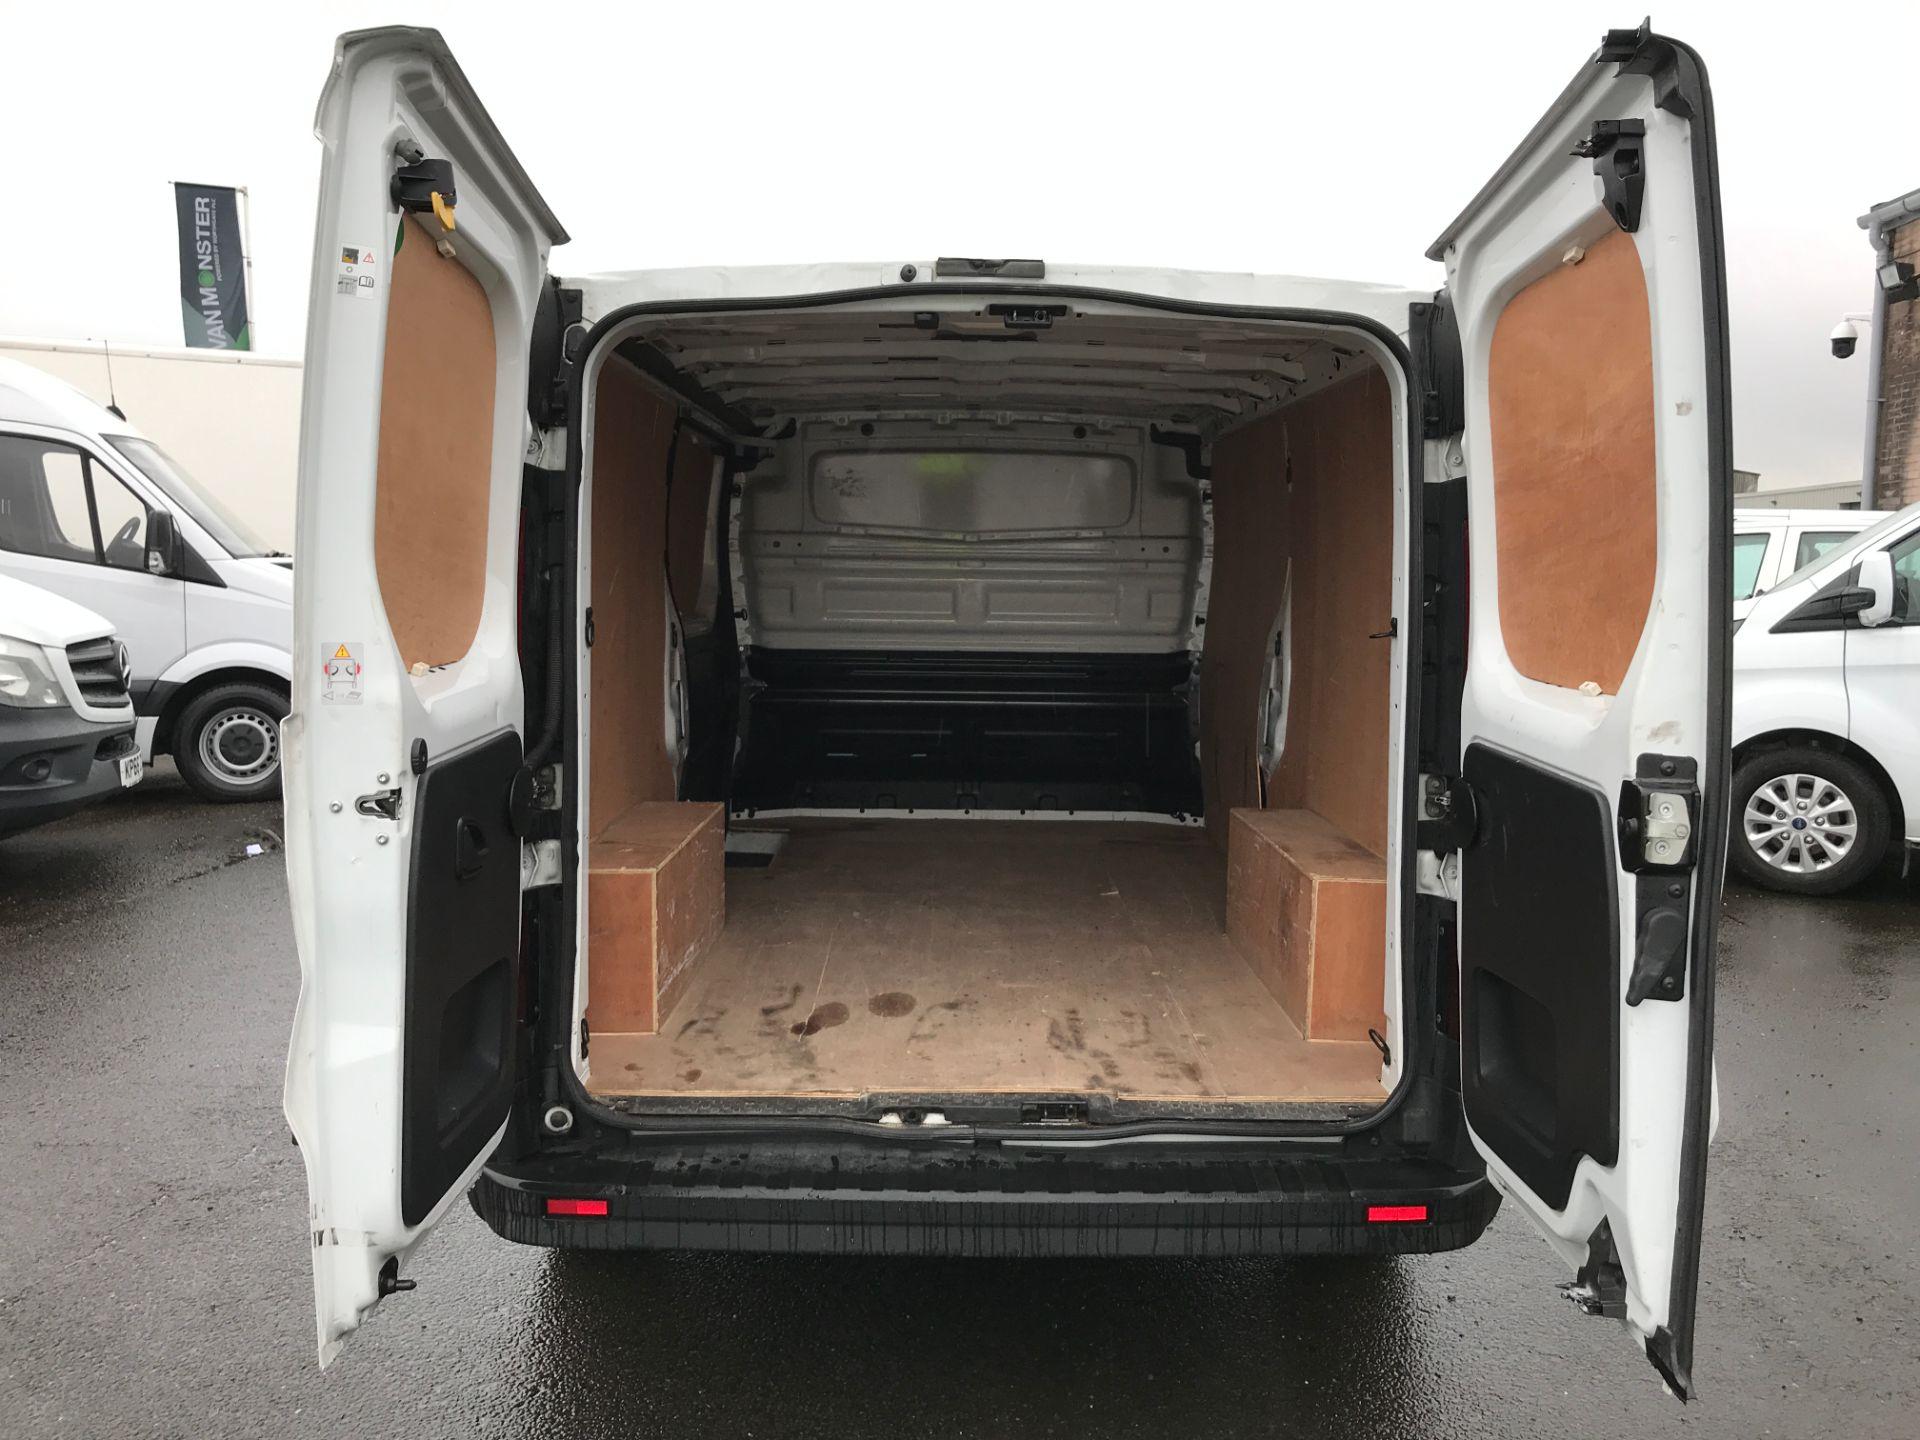 2017 Vauxhall Vivaro 2900 L2 H1 1.6CDTI 120PS EURO 6 (DV67LXB) Image 19